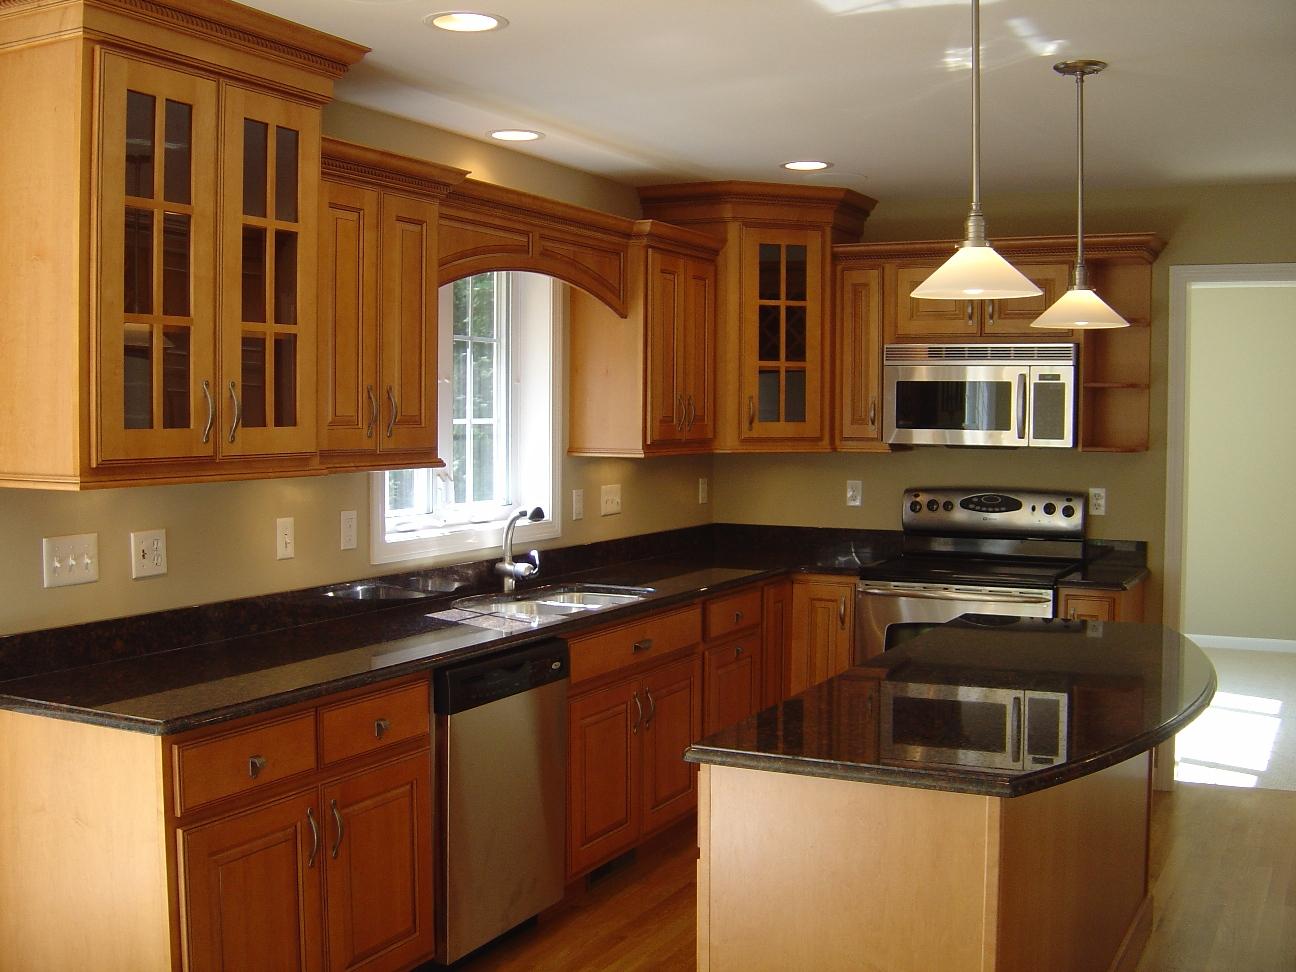 meilleures-images-de-conception-de-petite-cuisine-idees-de-decoration-petite-cuisine-avec-images-de-conception-de-petite-cuisine